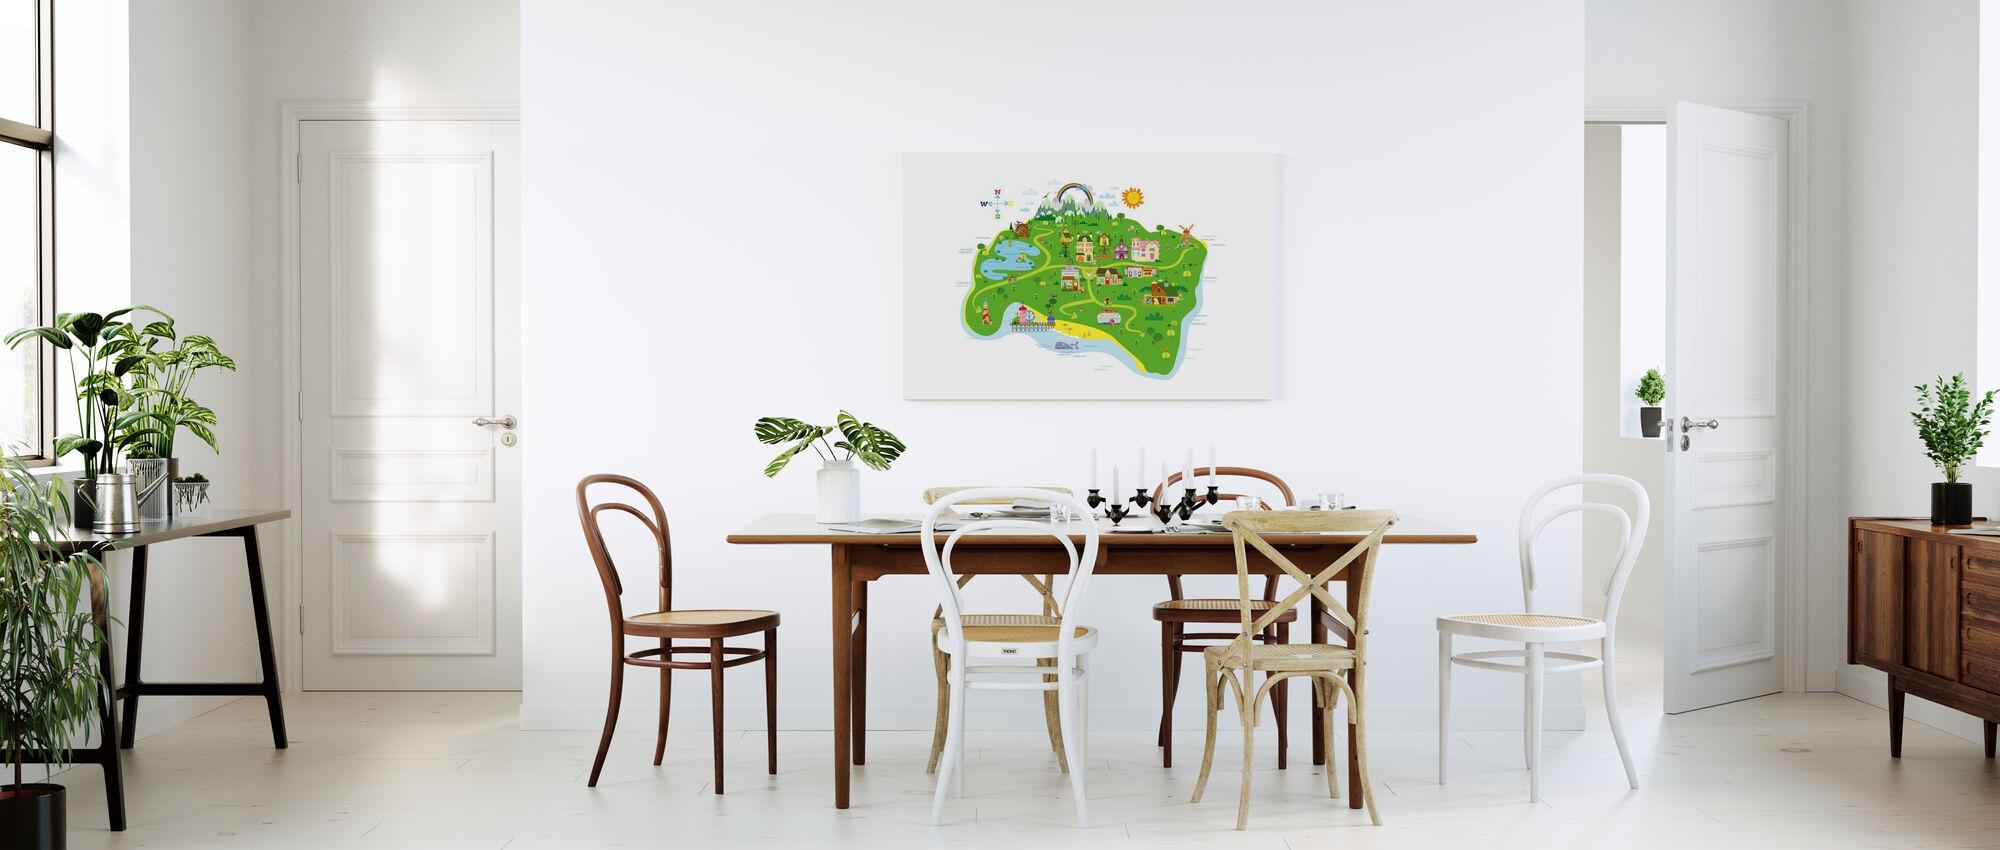 Marsh Mellow Island Kaart - Canvas print - Keuken